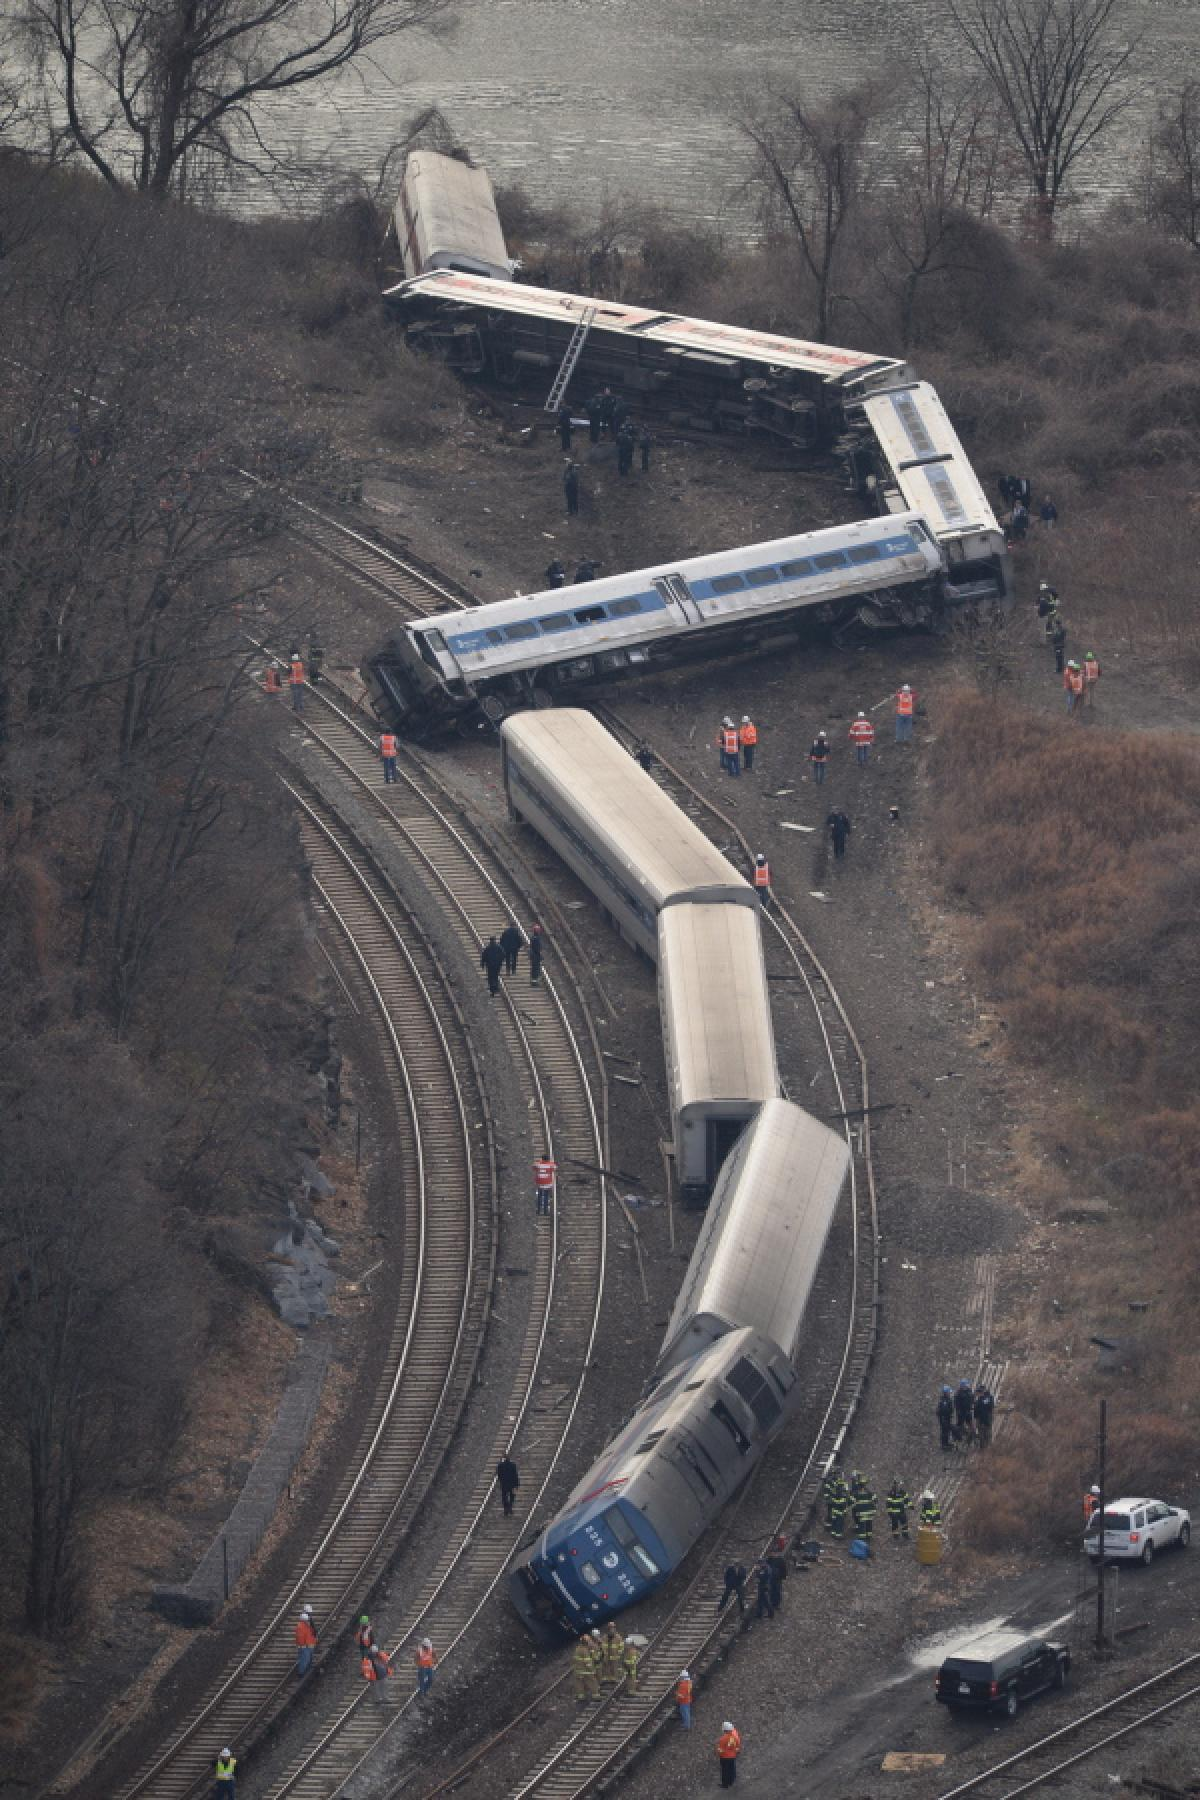 NYで大規模な脱線事故が発生 死傷者多数